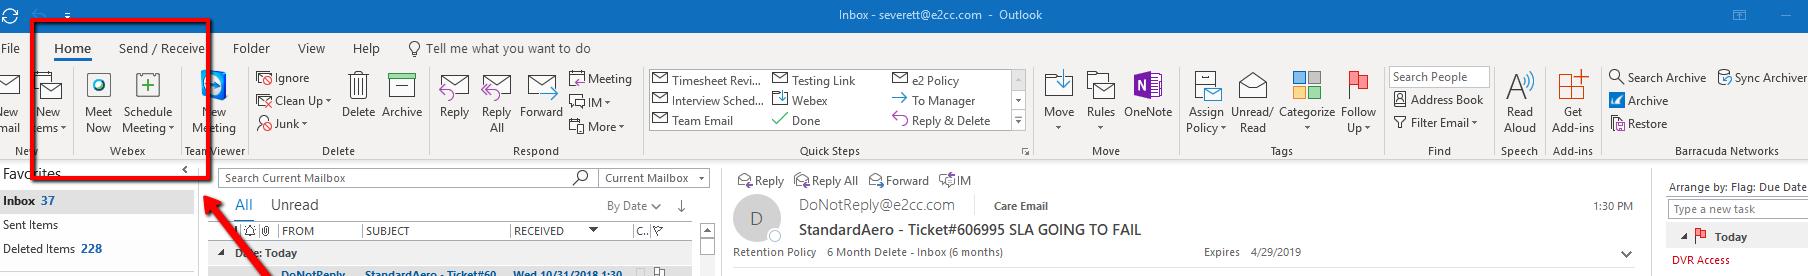 Webex Desktop App Setup and Use – Support